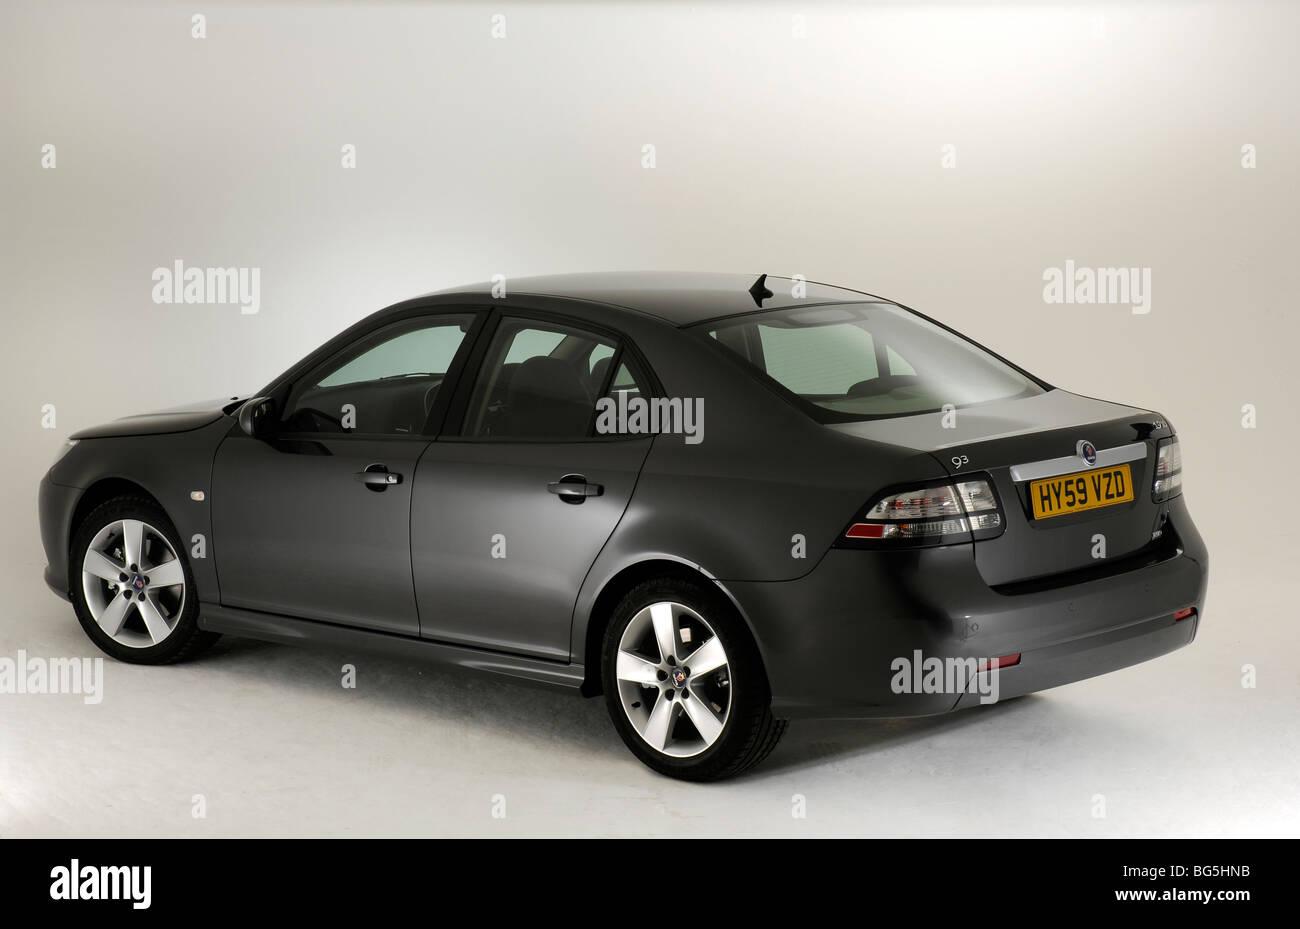 2009 Saab 93 - Stock Image